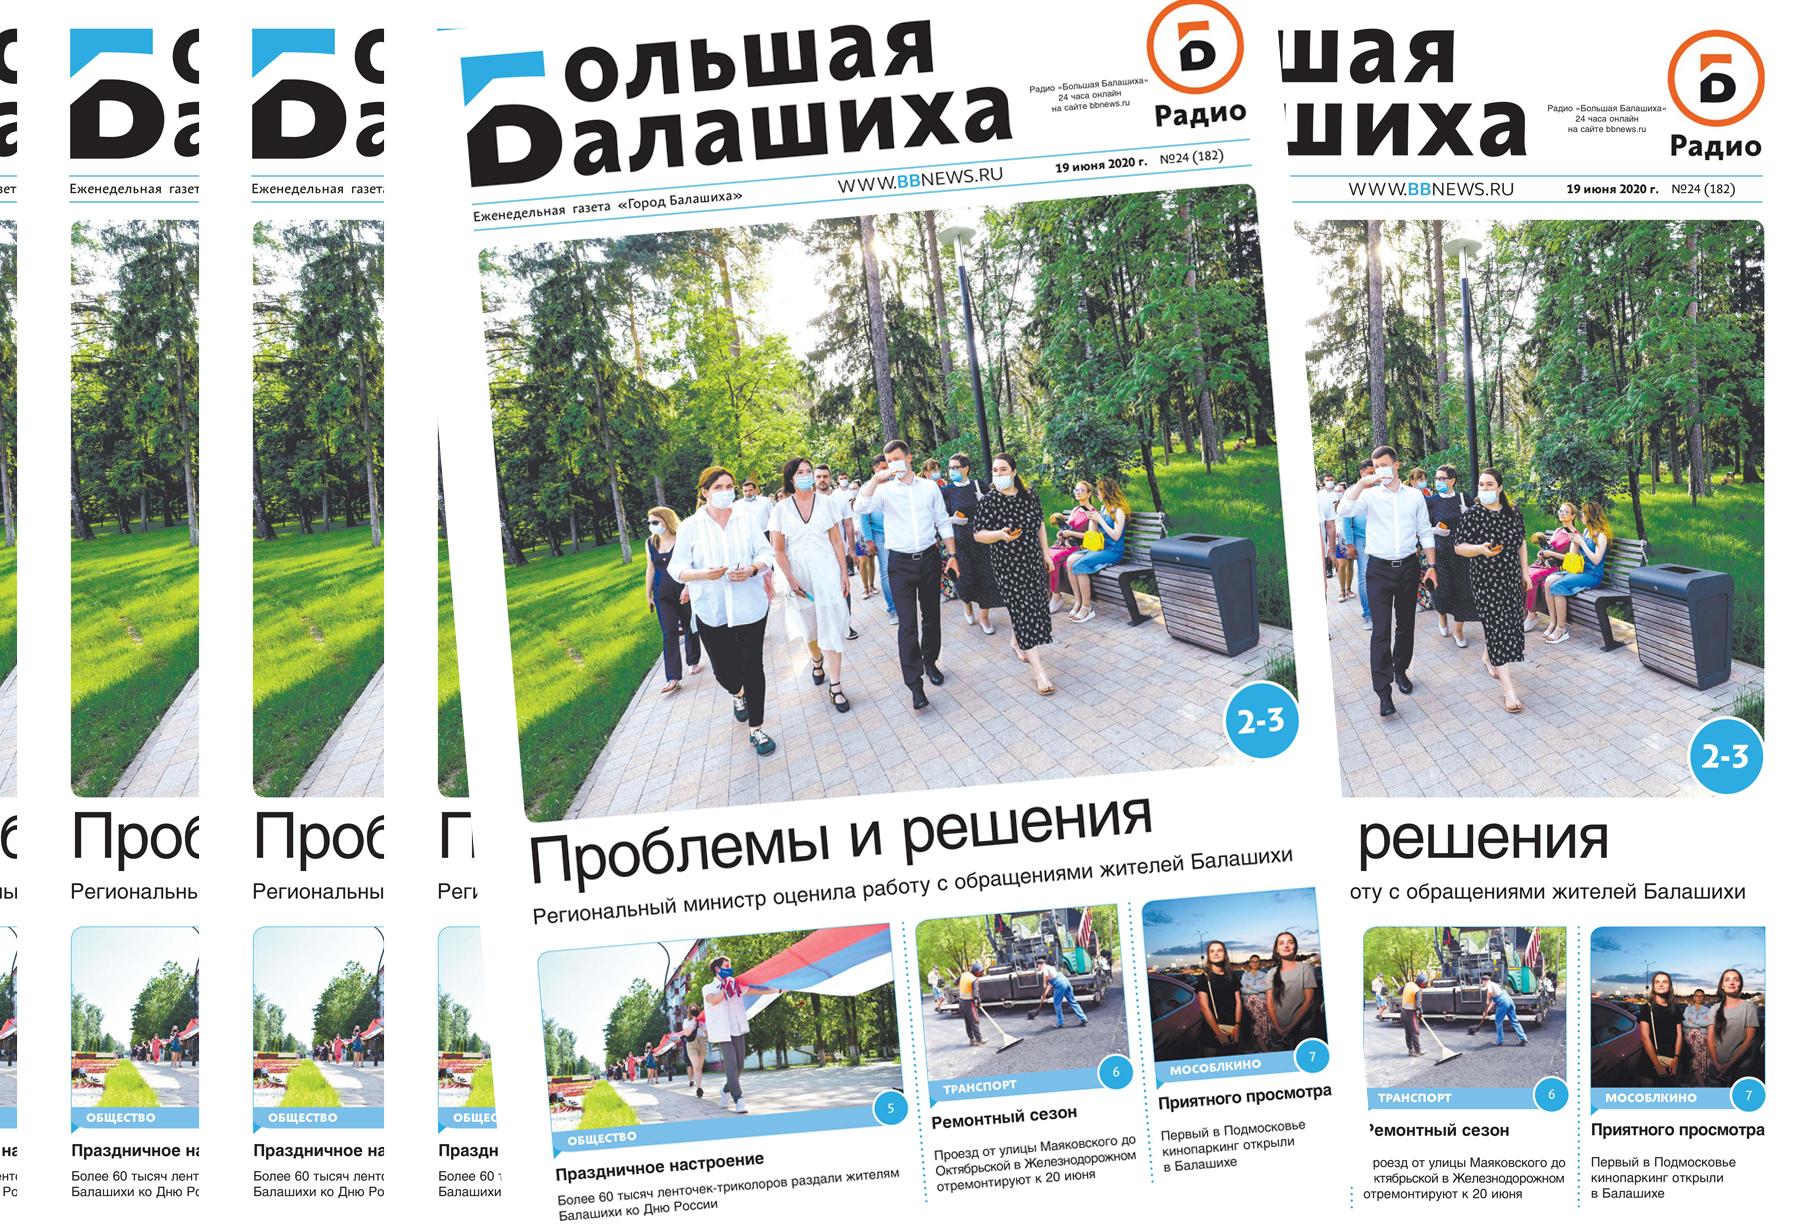 Вышла газета «Город Балашиха» №24 (182)